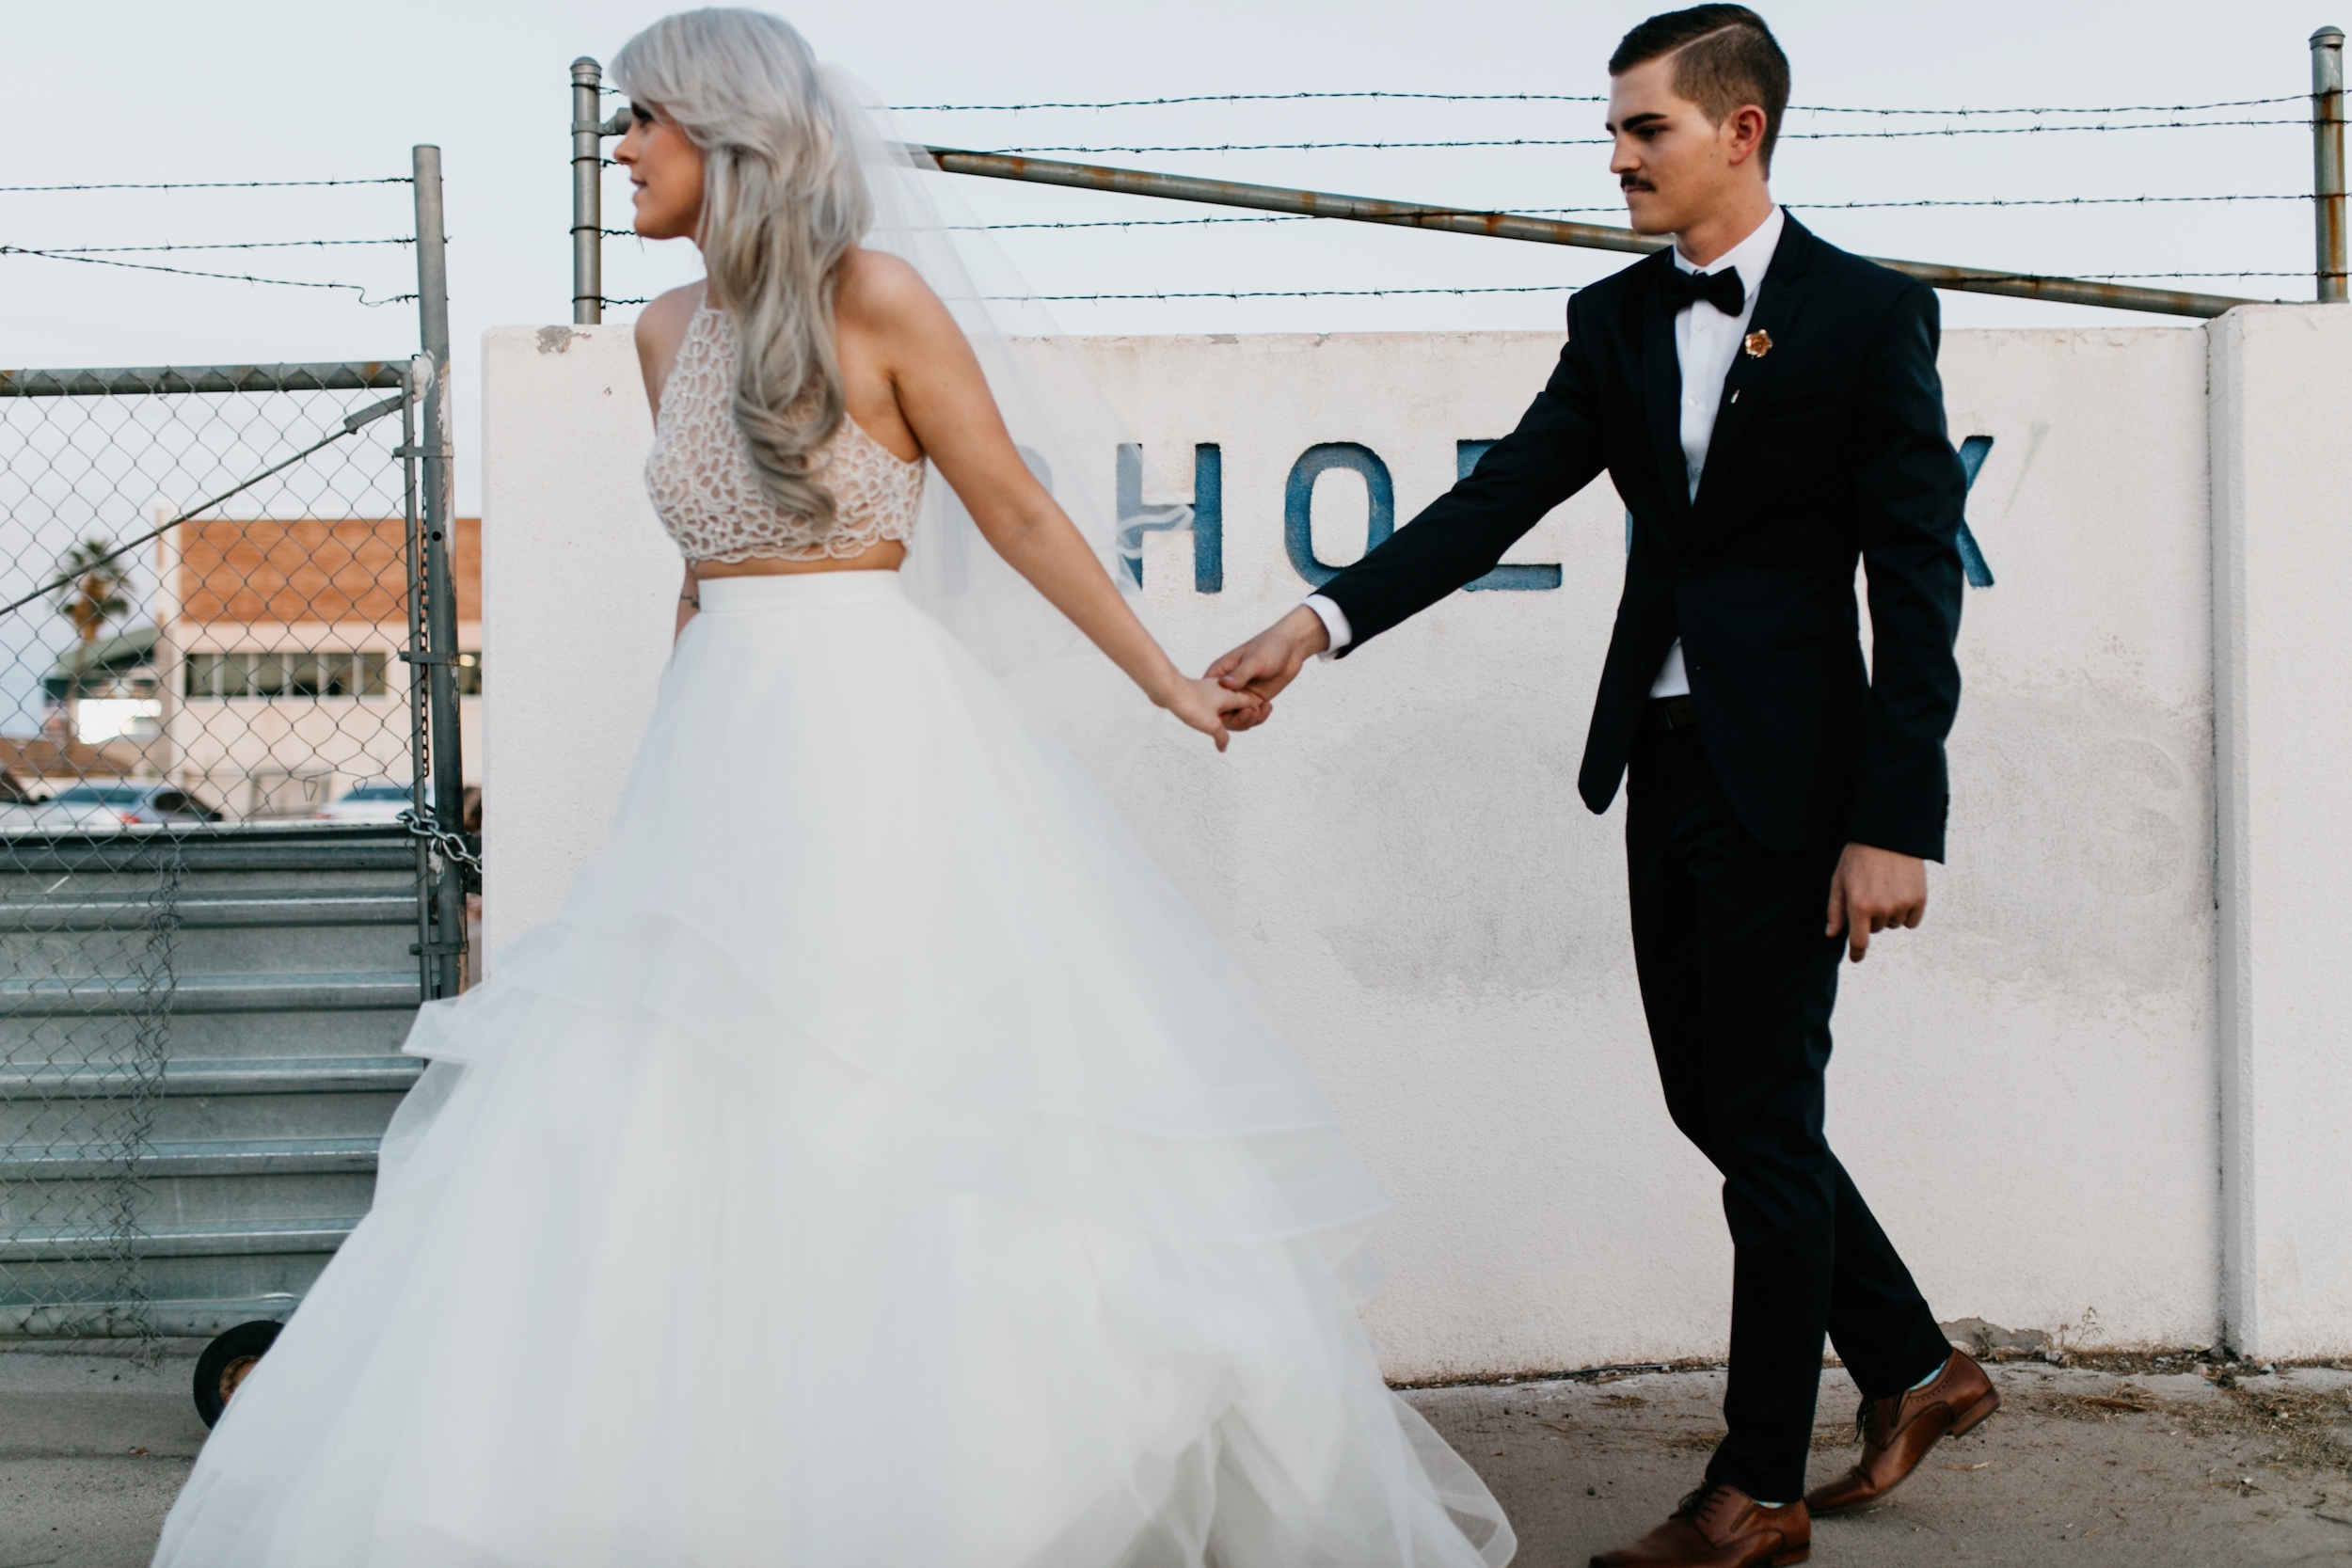 arizona - wedding - photography 01671.jpg